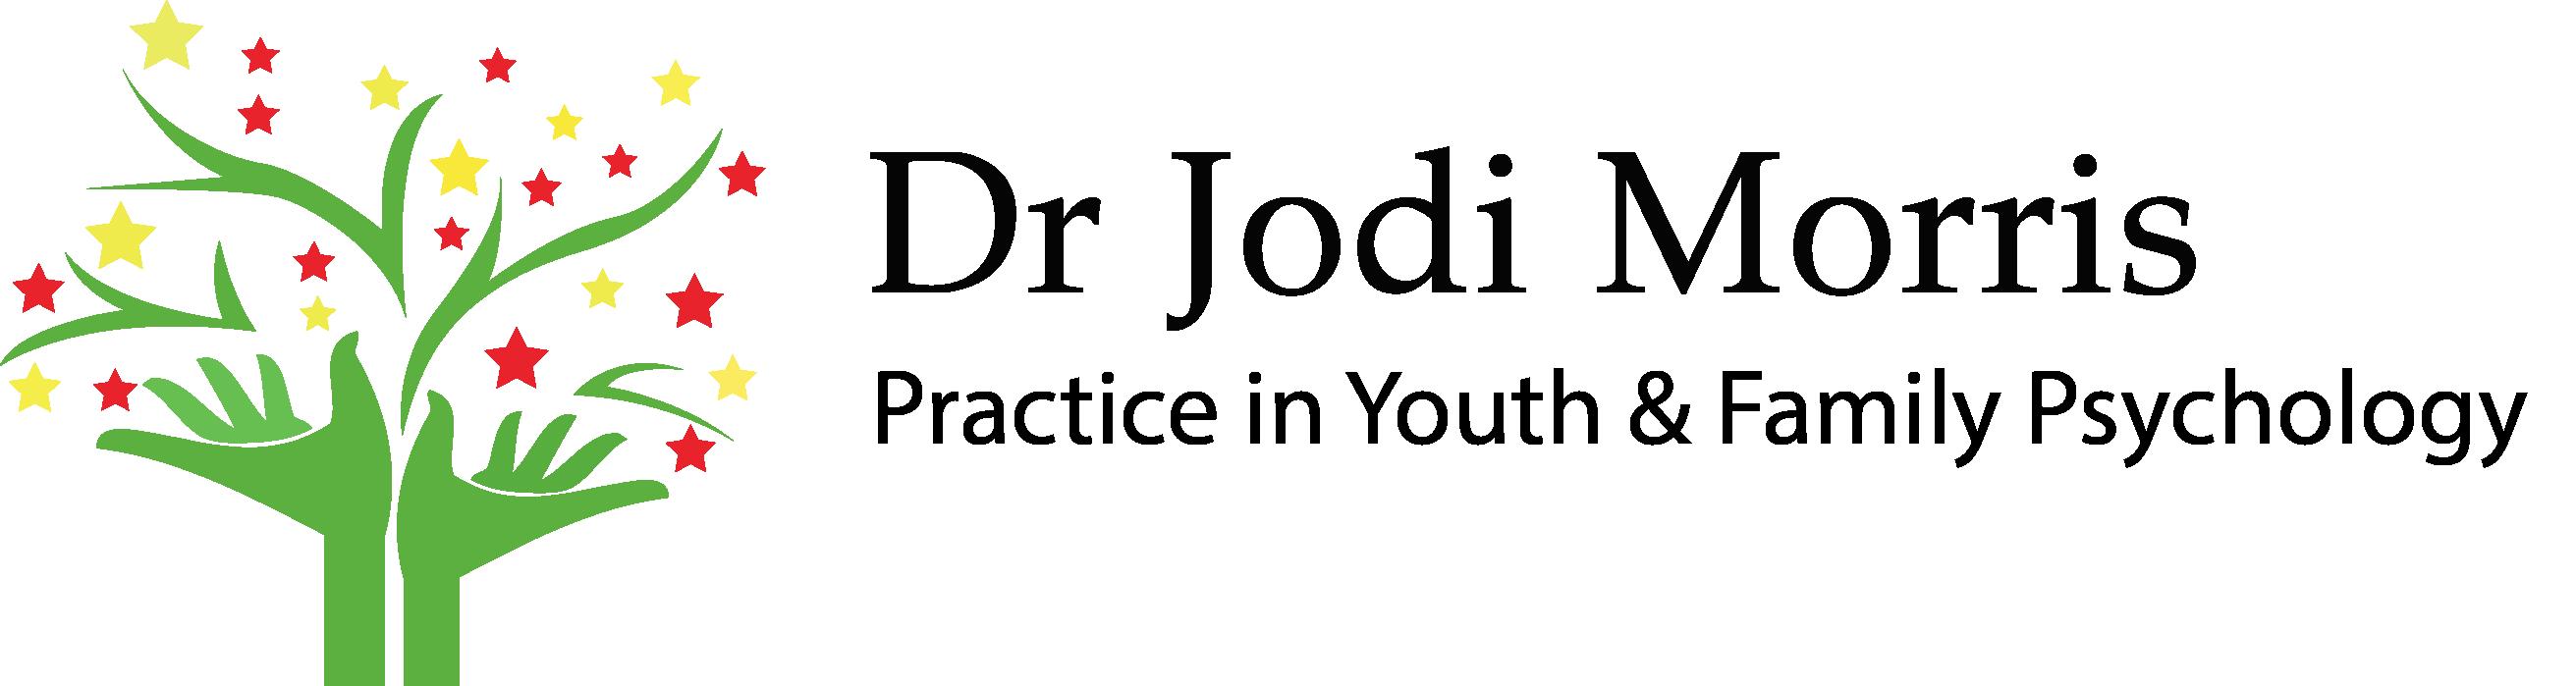 Dr. Jodi Morris